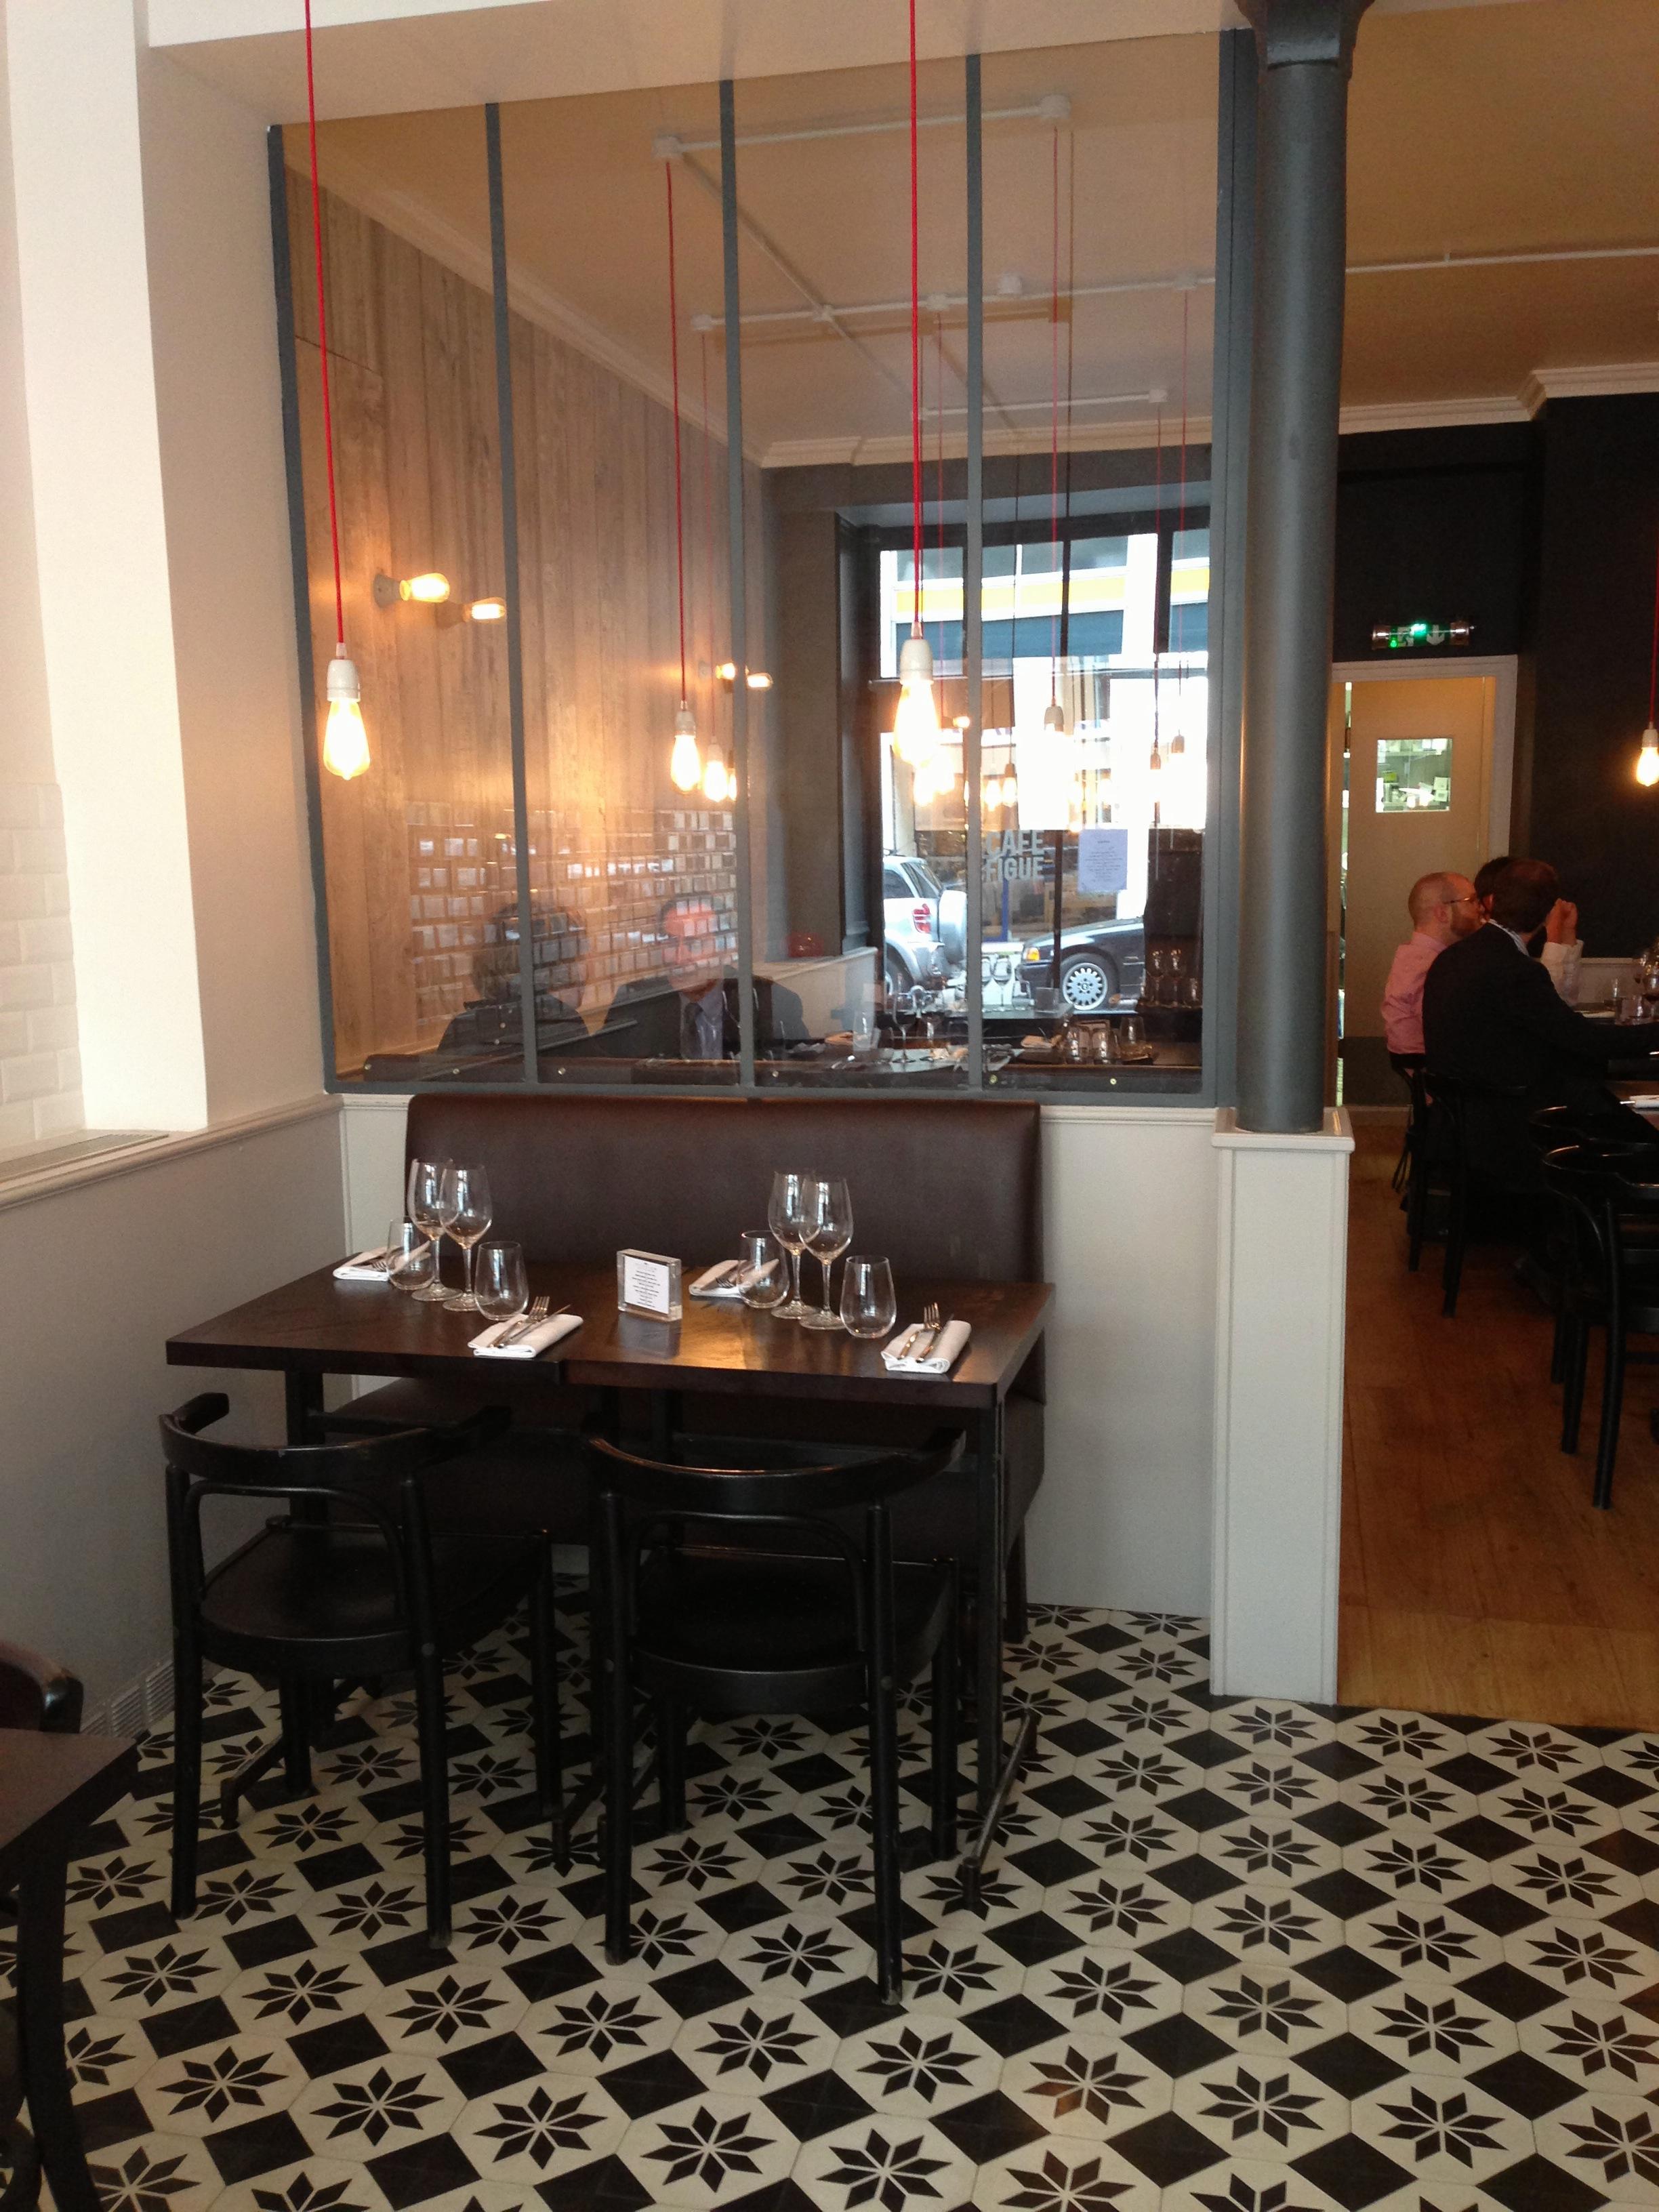 restaurant food fusion caf figue rencontre des cultures c line m c line aime. Black Bedroom Furniture Sets. Home Design Ideas